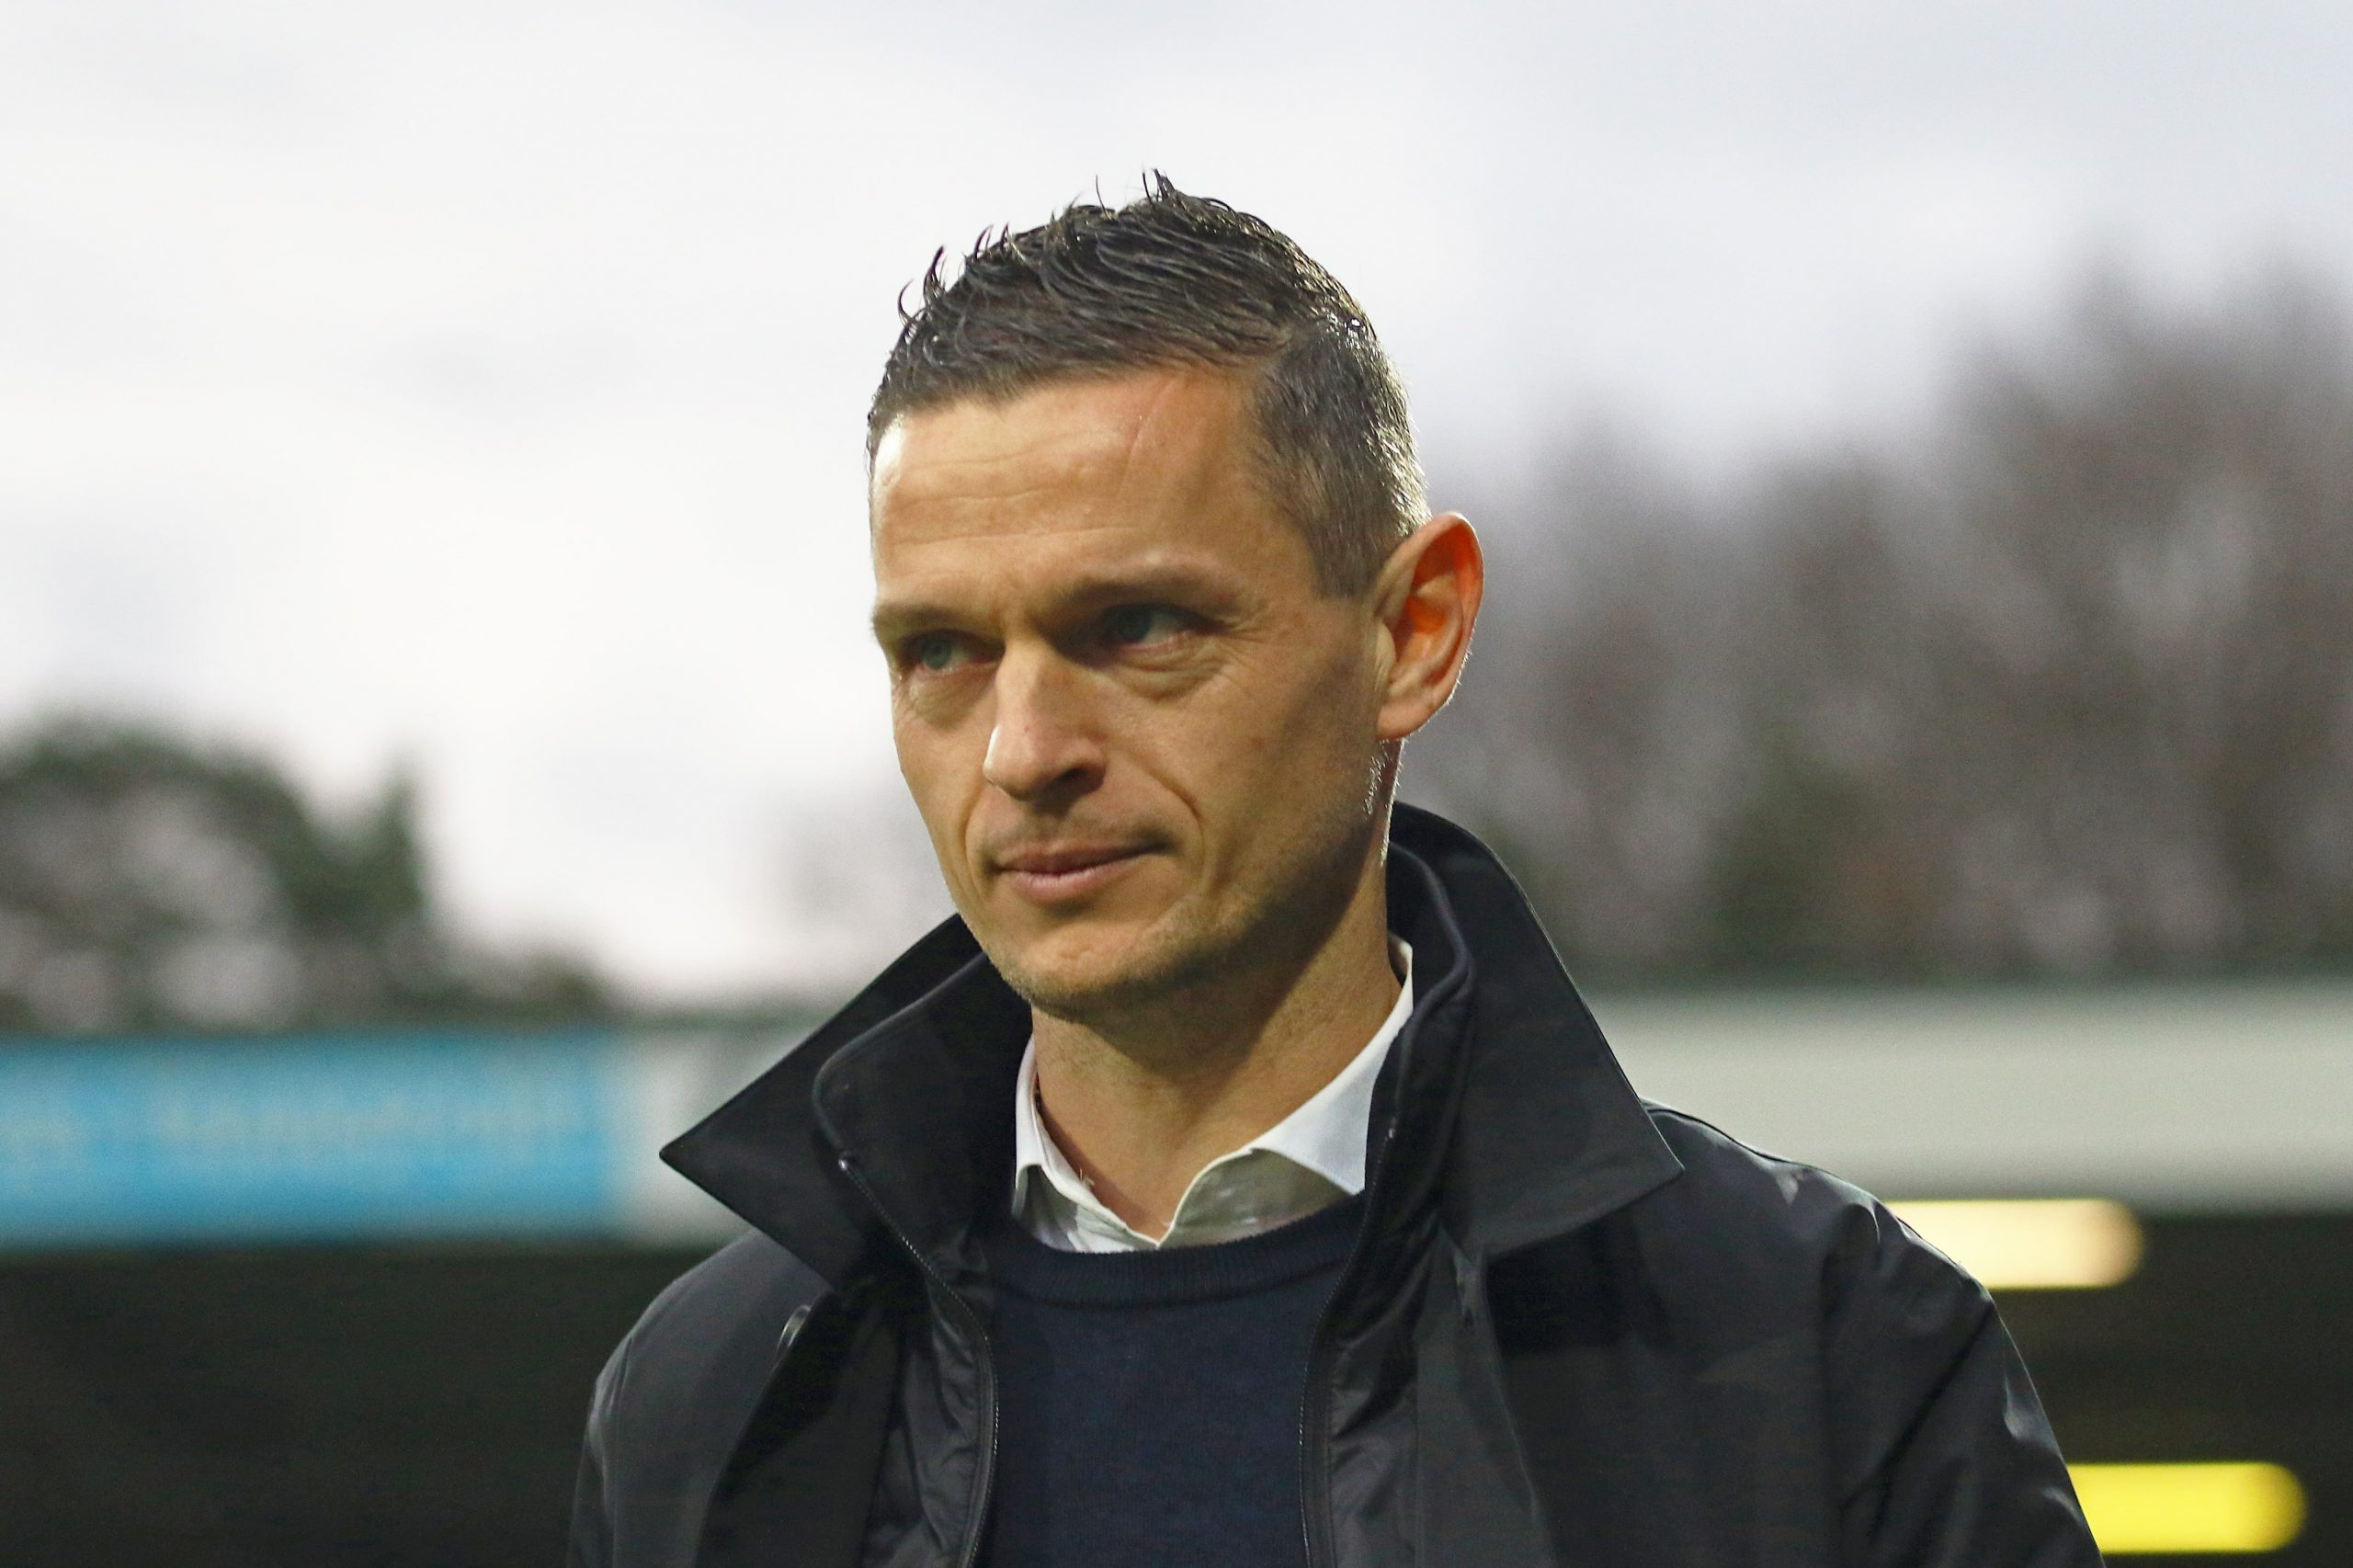 De Opstelling: Meijer terug naar 4-4-2, Van Ottele is basisplek kwijt